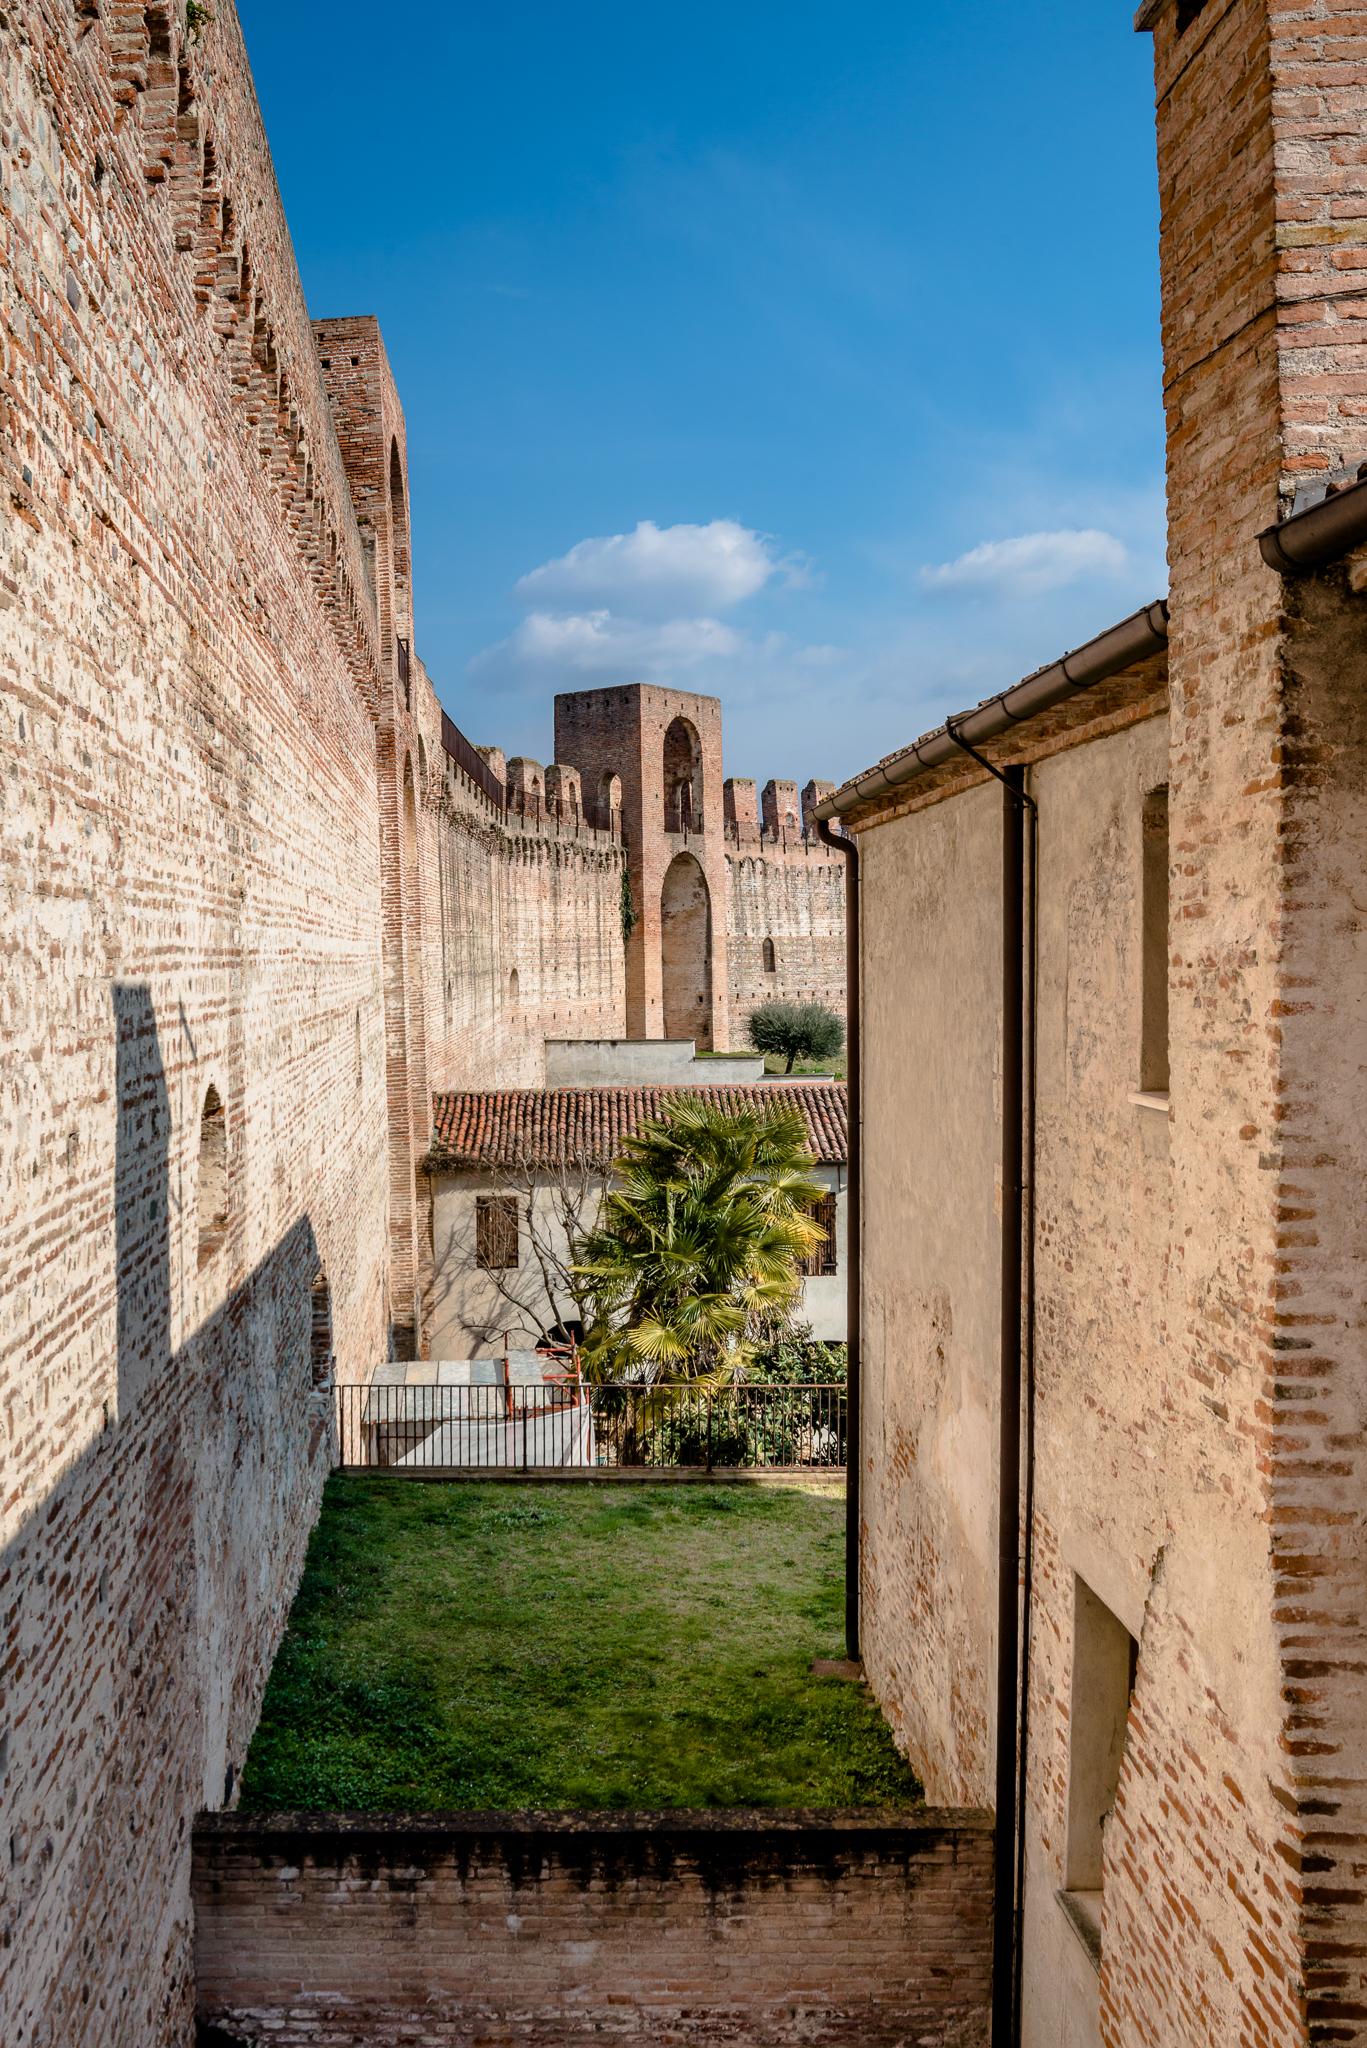 Porta Bassano view at the walls